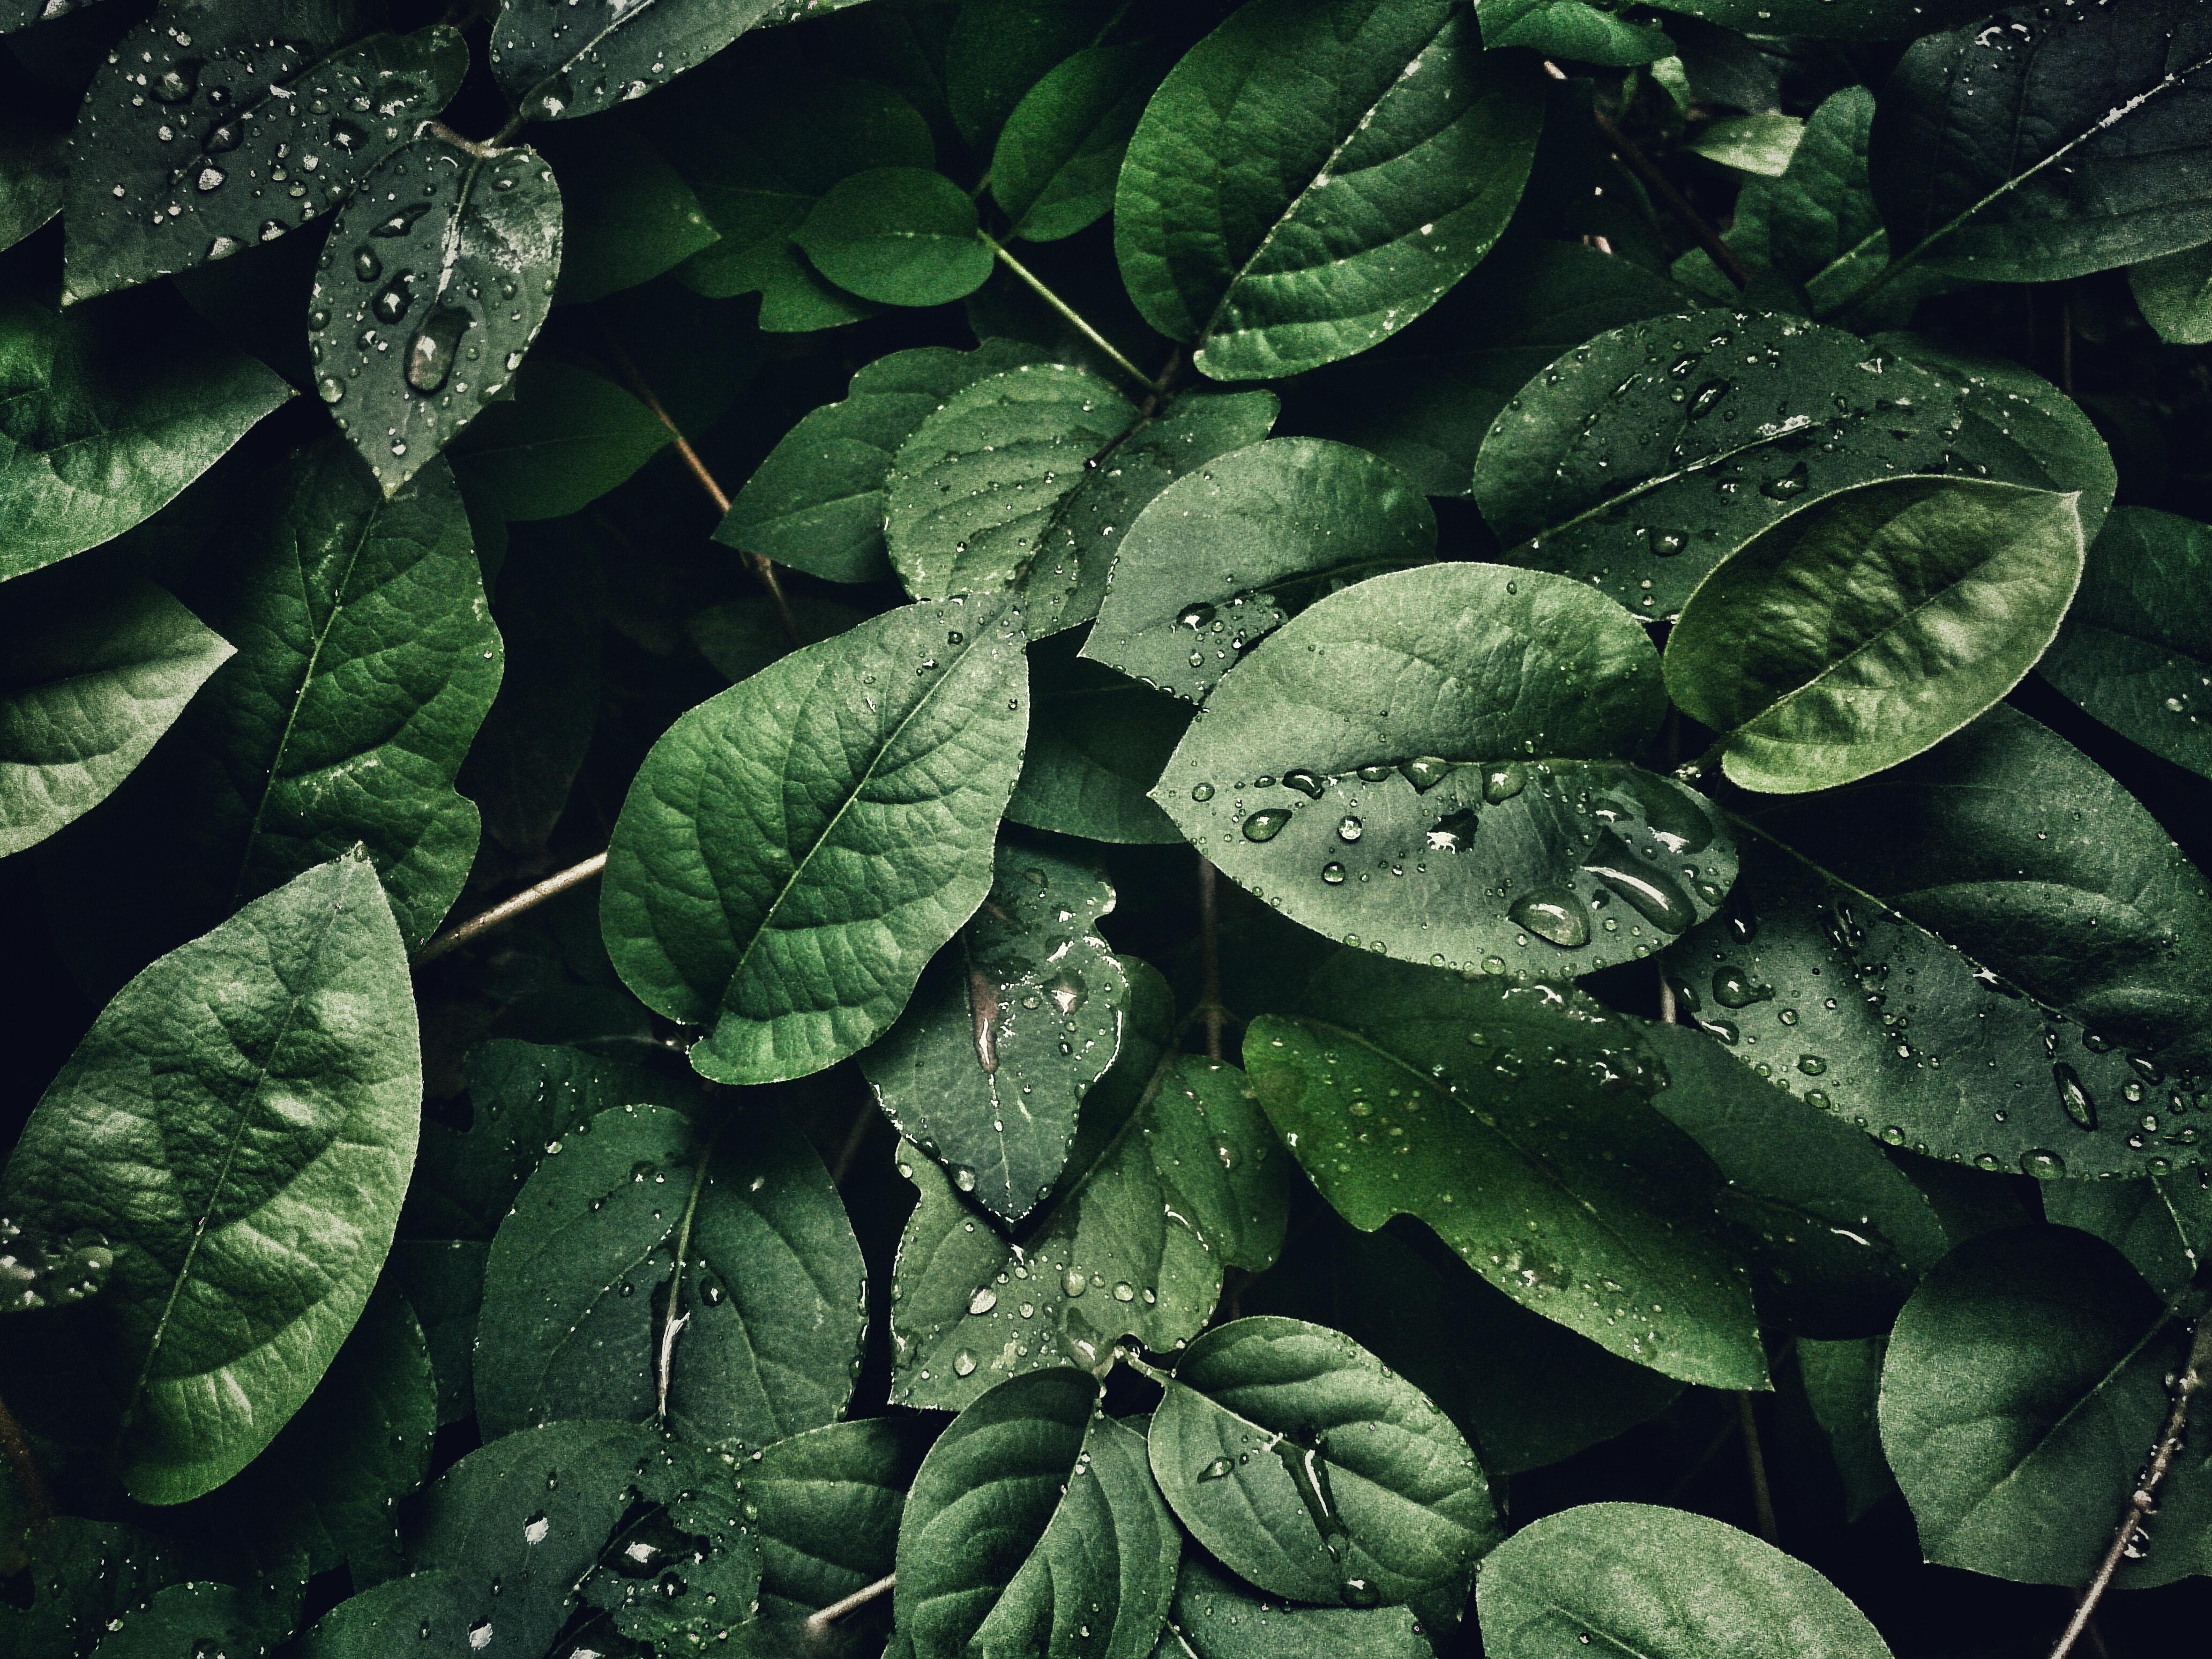 4k-wallpaper-close-up-dew-807598